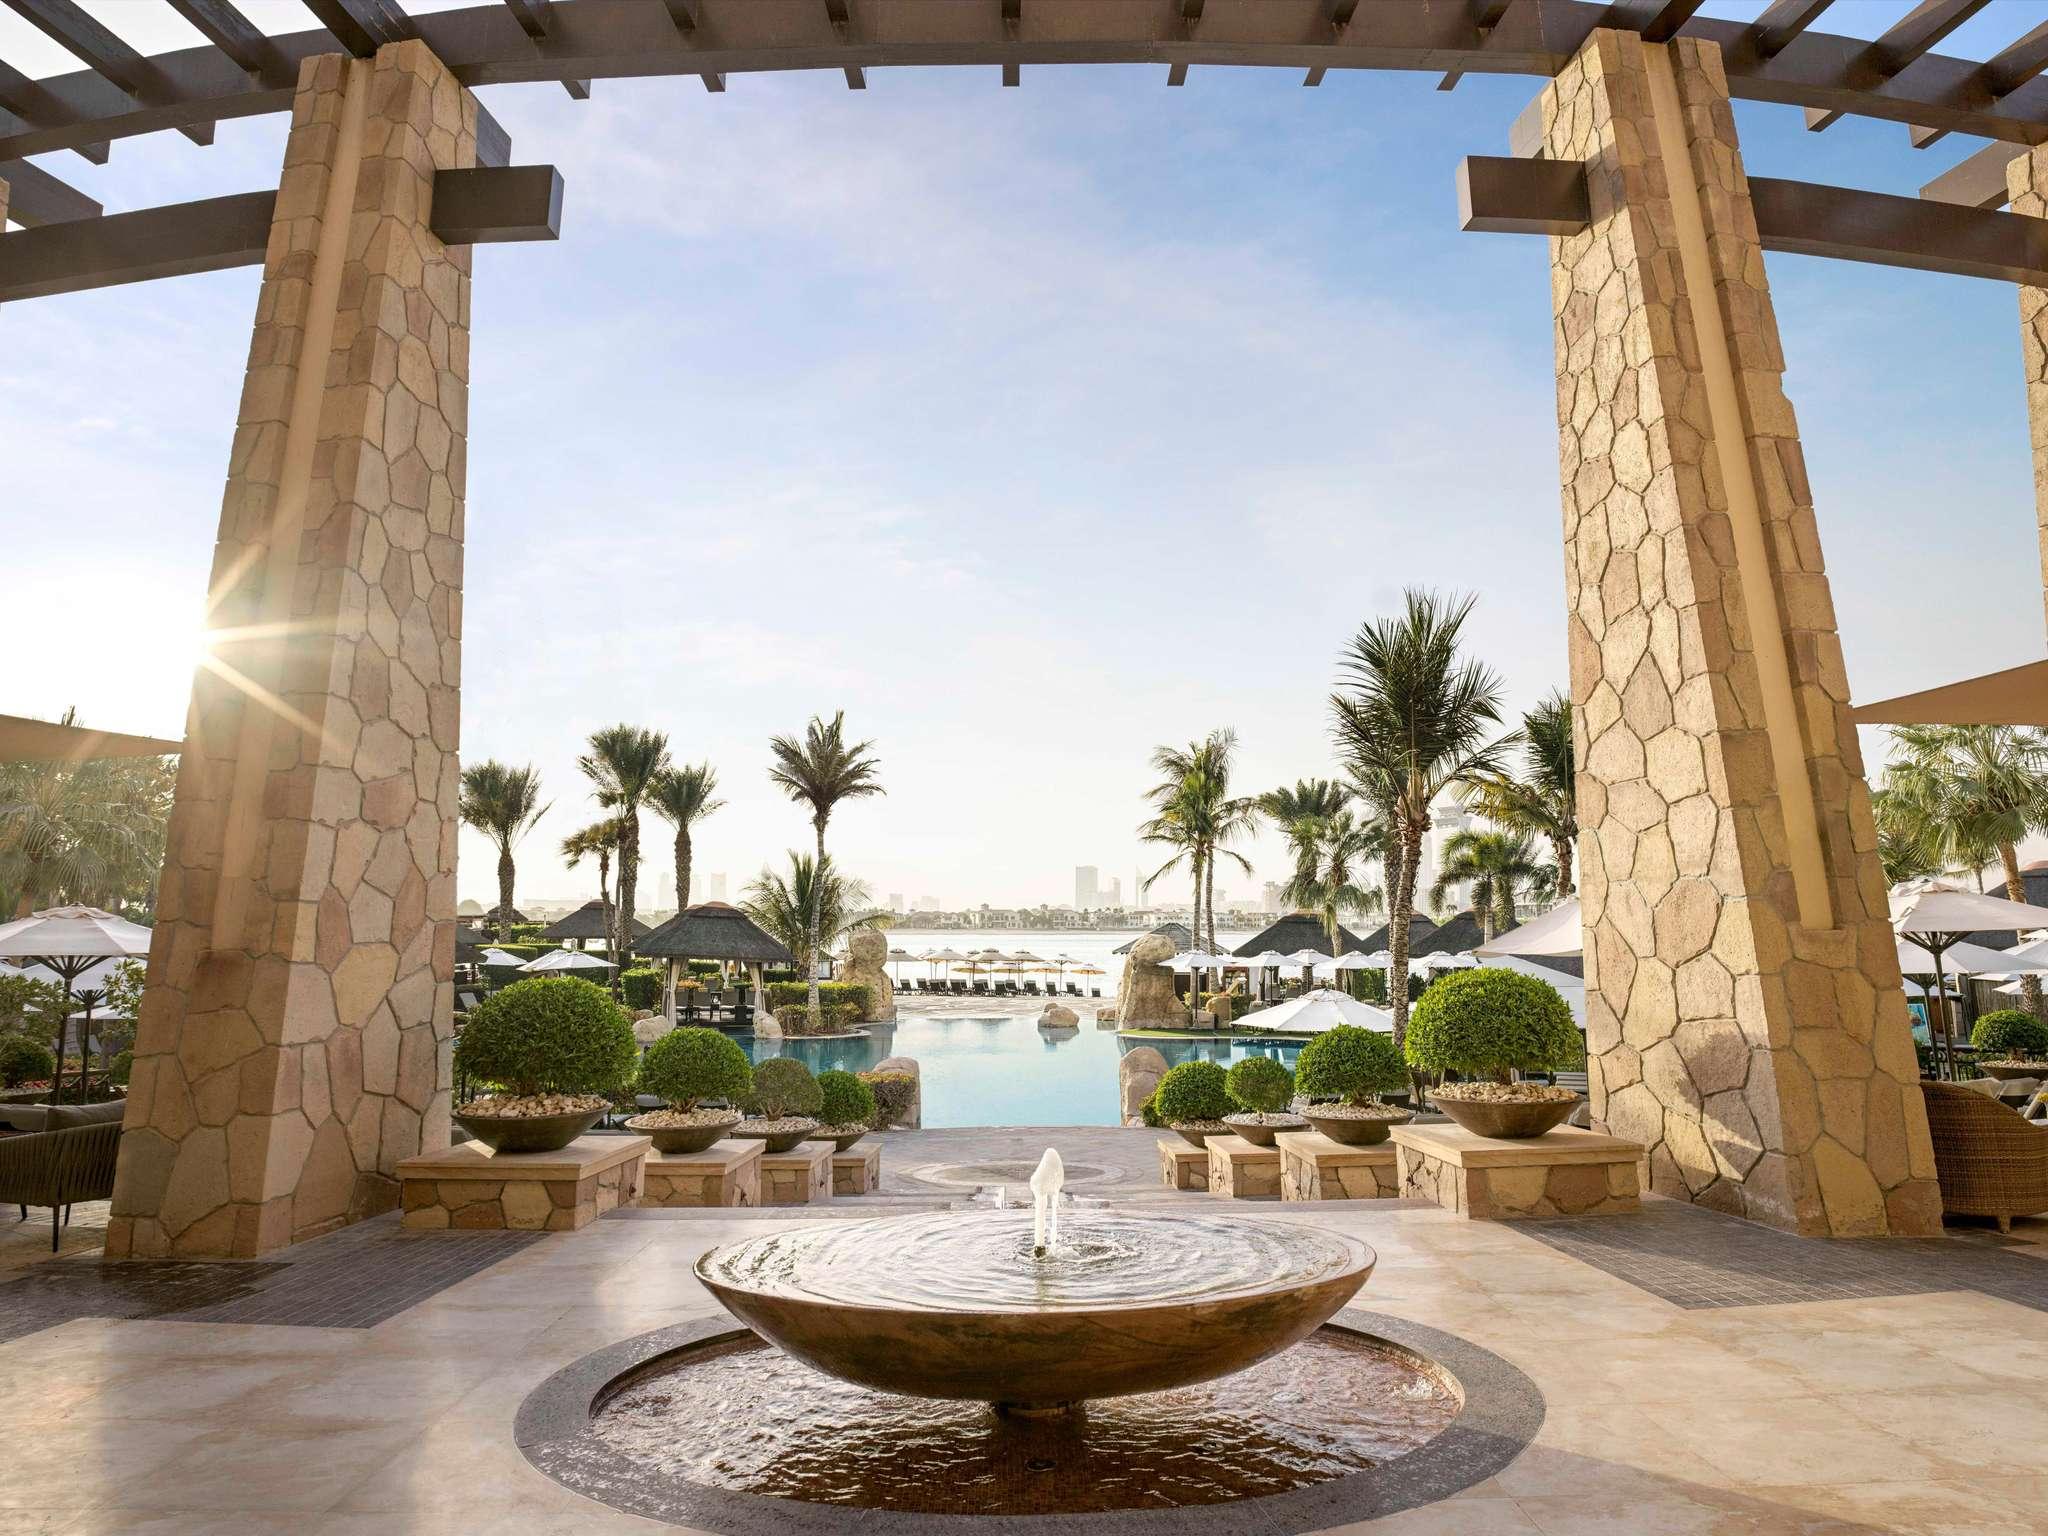 فندق - سوفيتل Sofitel دبي ذو بالم ريزورت أند سبا، تم